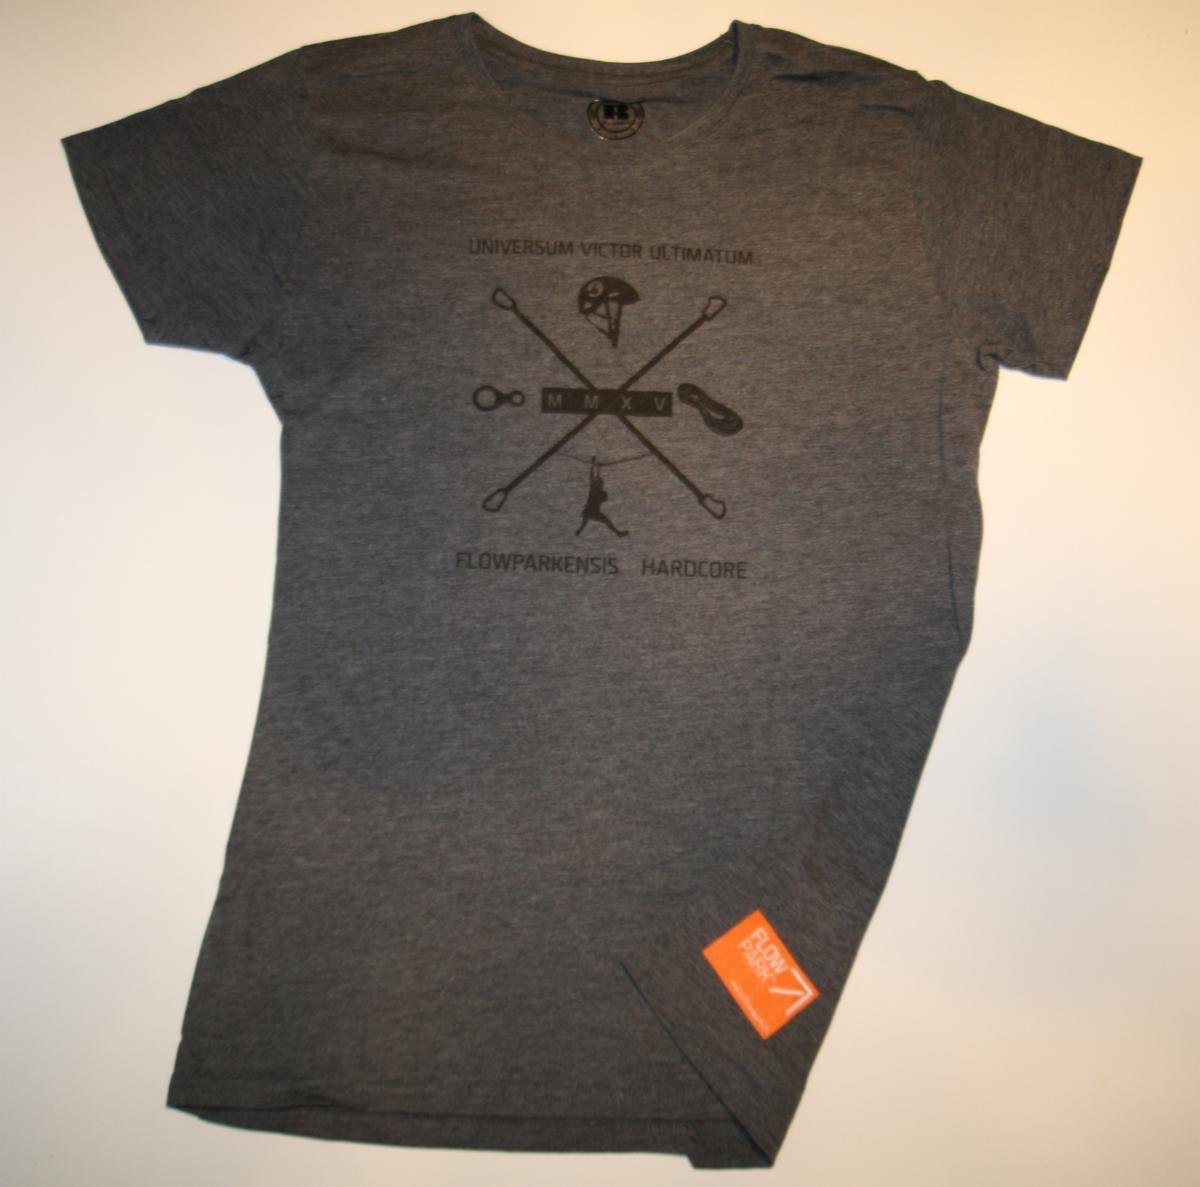 T-paita, Flowparkaensis hardcore naisille